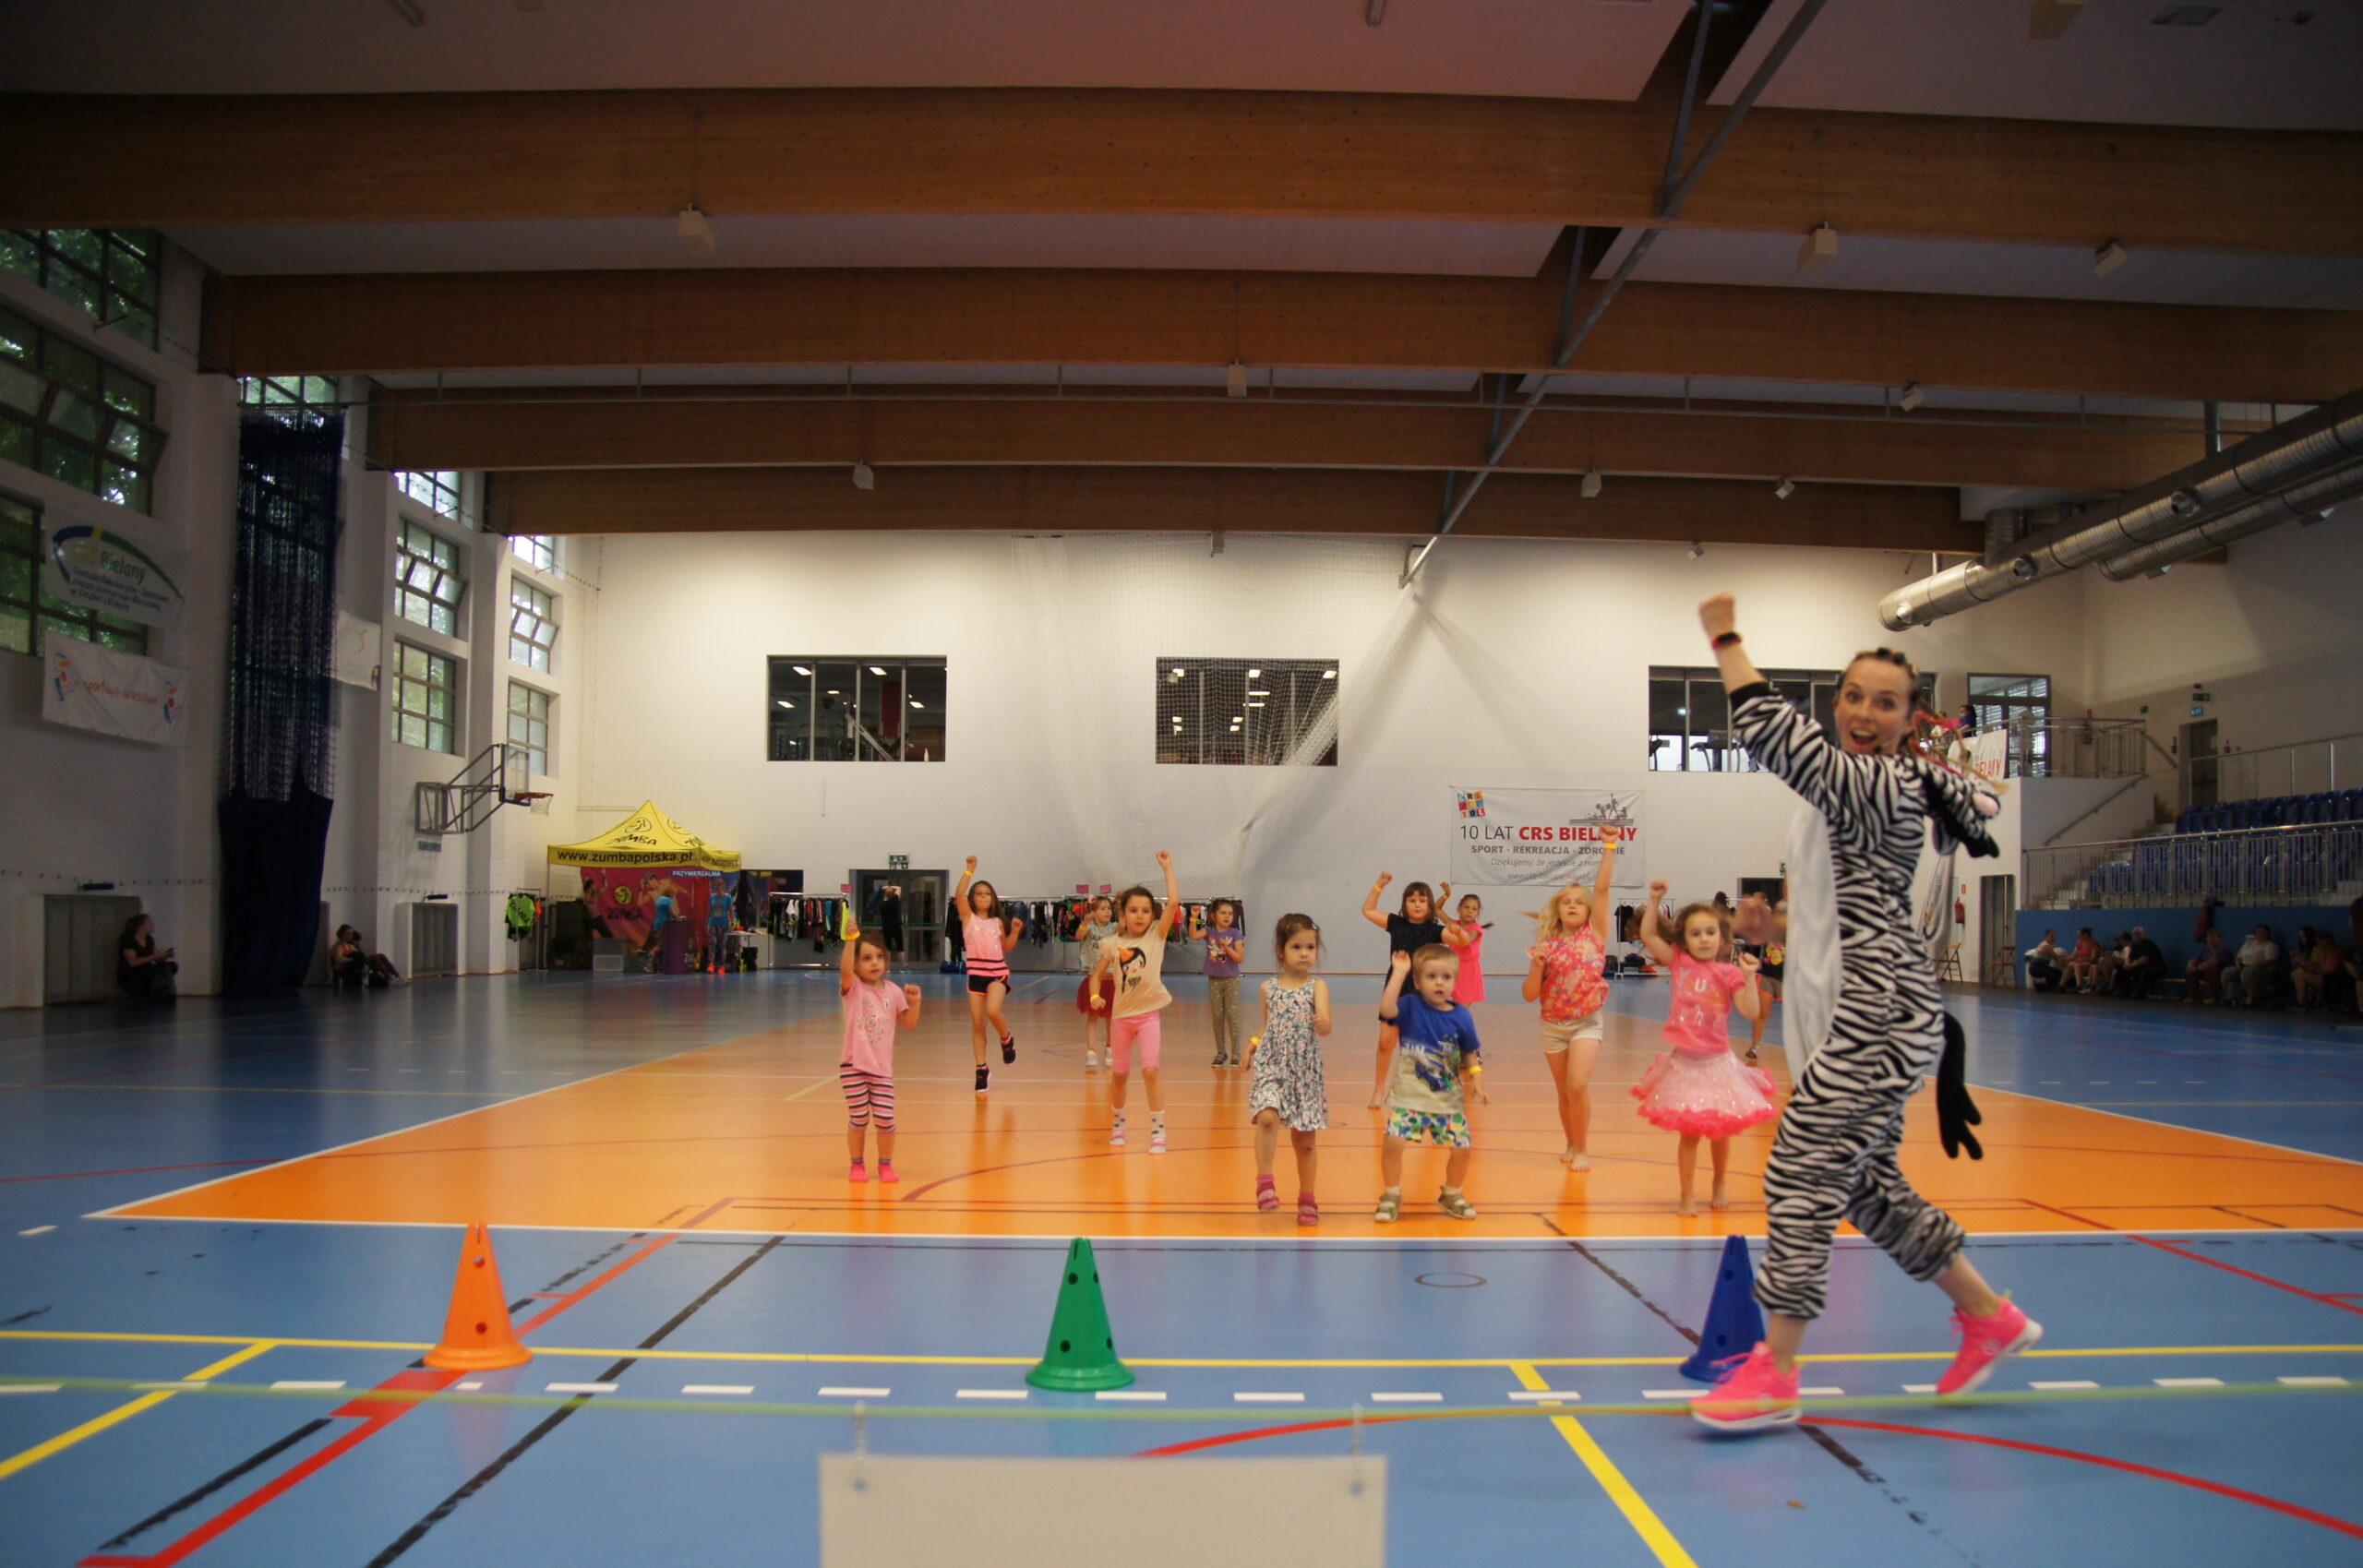 dzieci z instruktorką tańczą na hali sportowej.